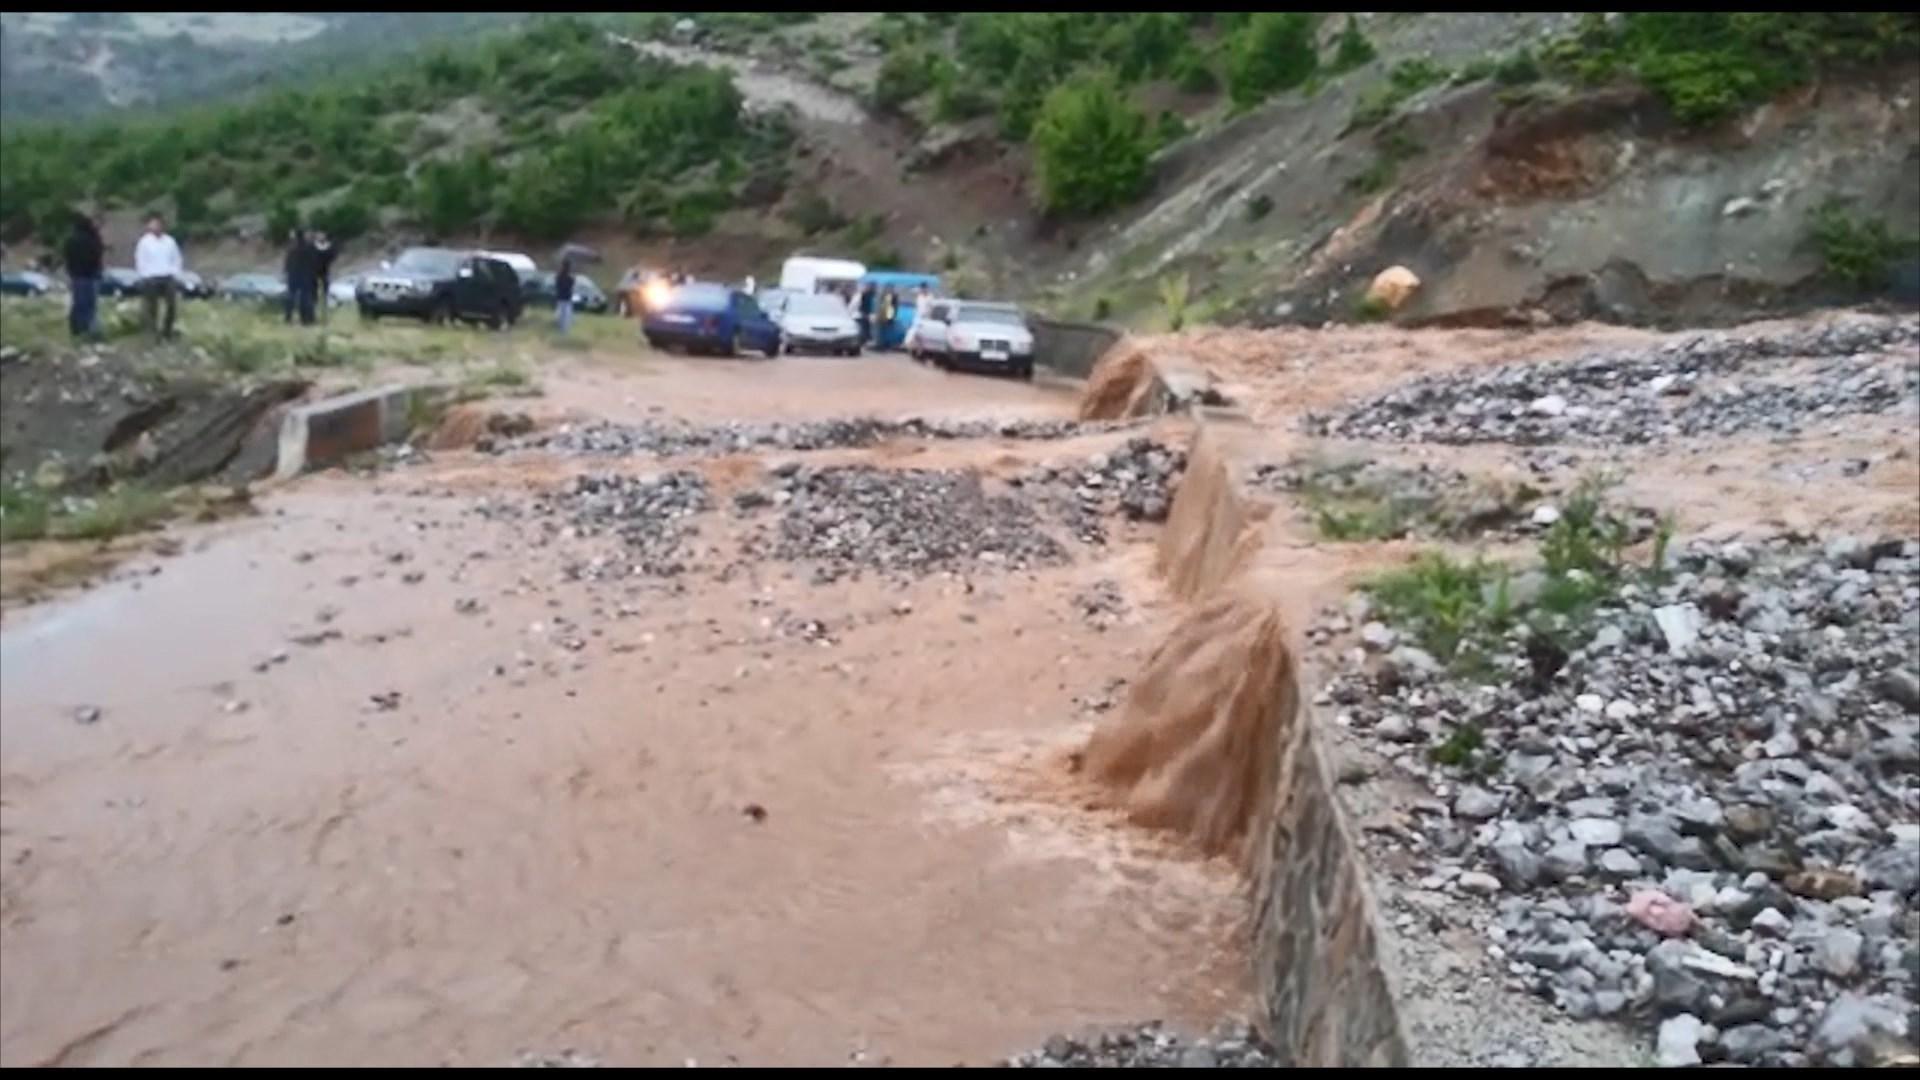 Rrëshqitjet e dheut nga reshjet, bllokohet aksi Kukës-Peshkopi